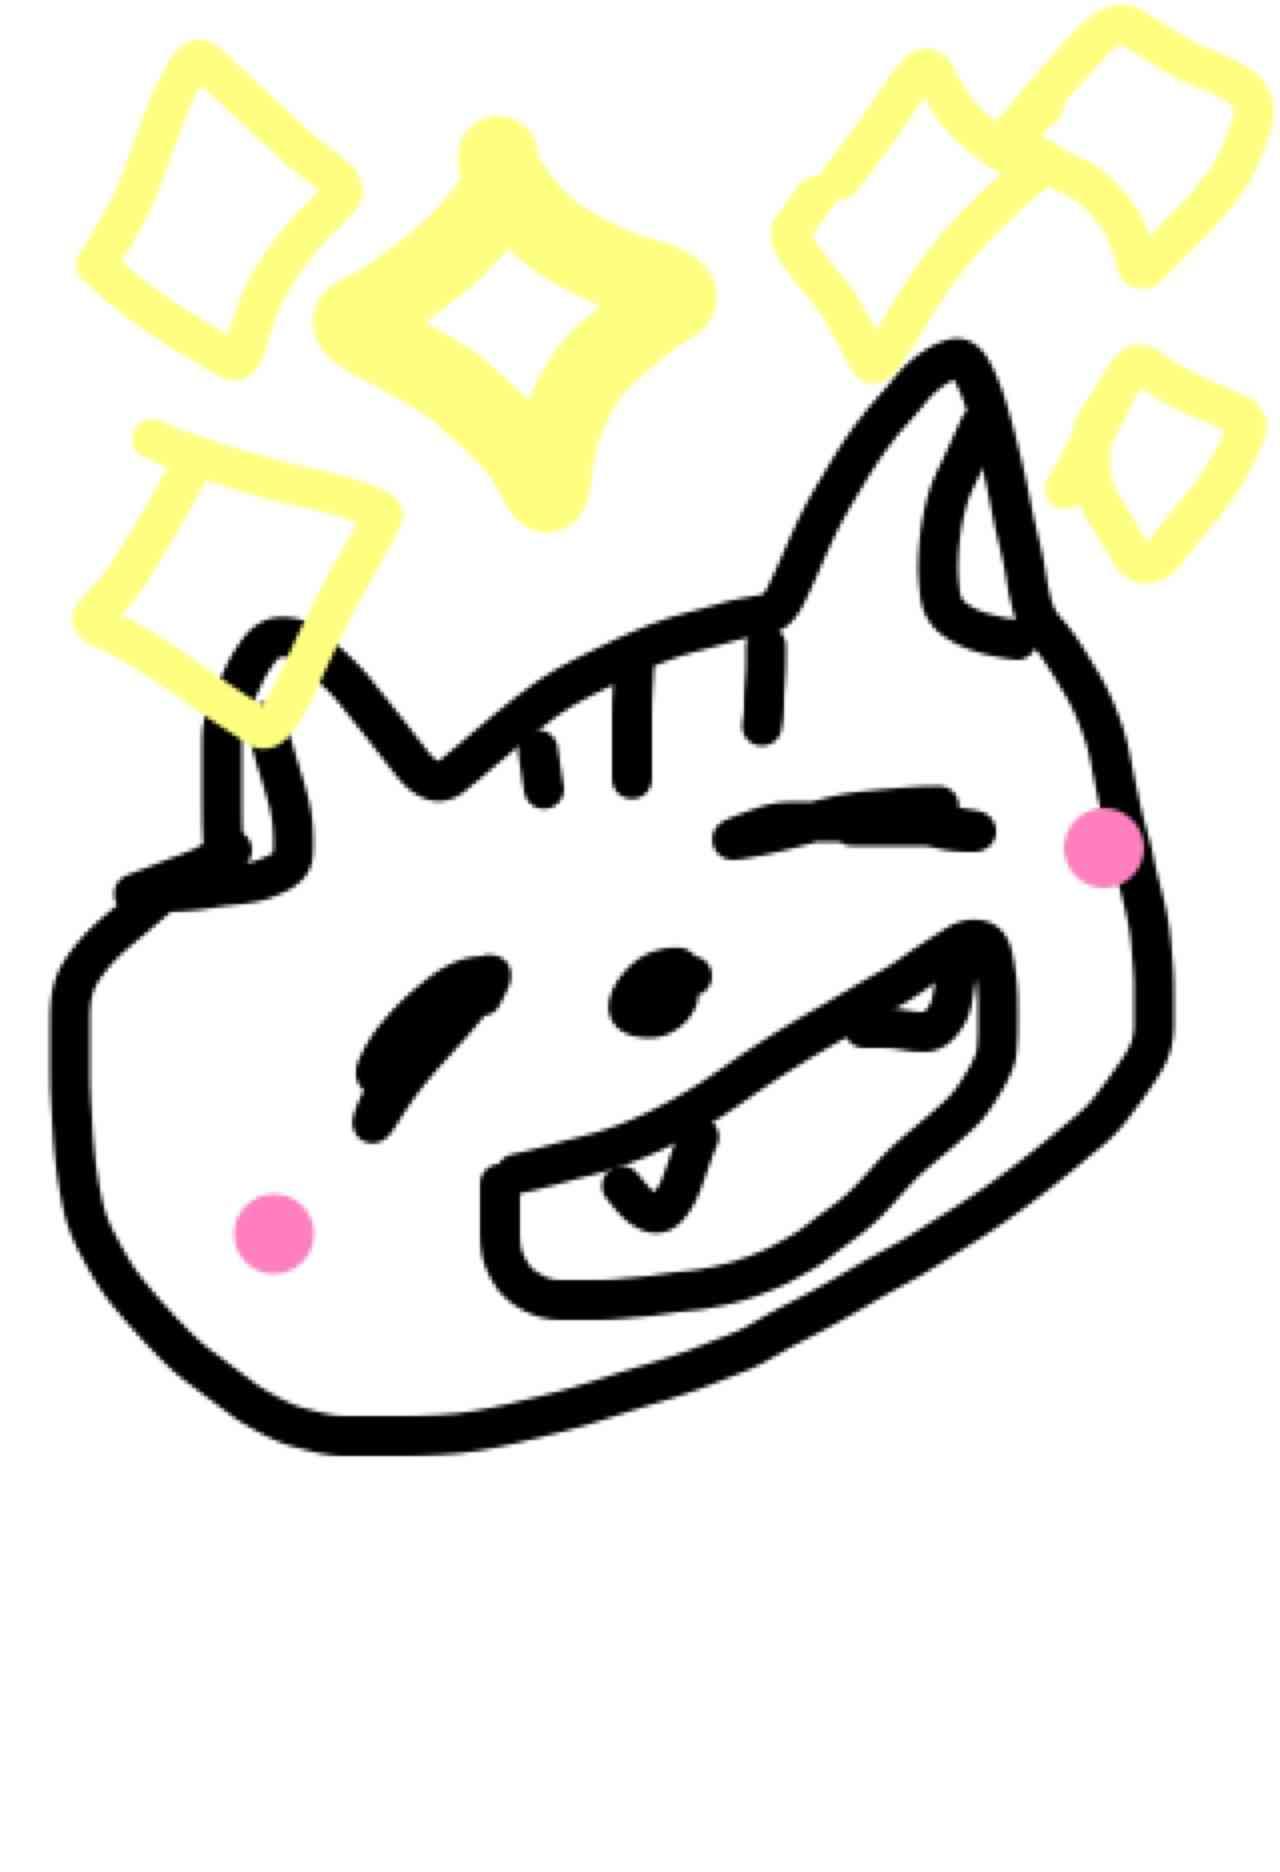 【絵トピ】笑顔を描きましょう